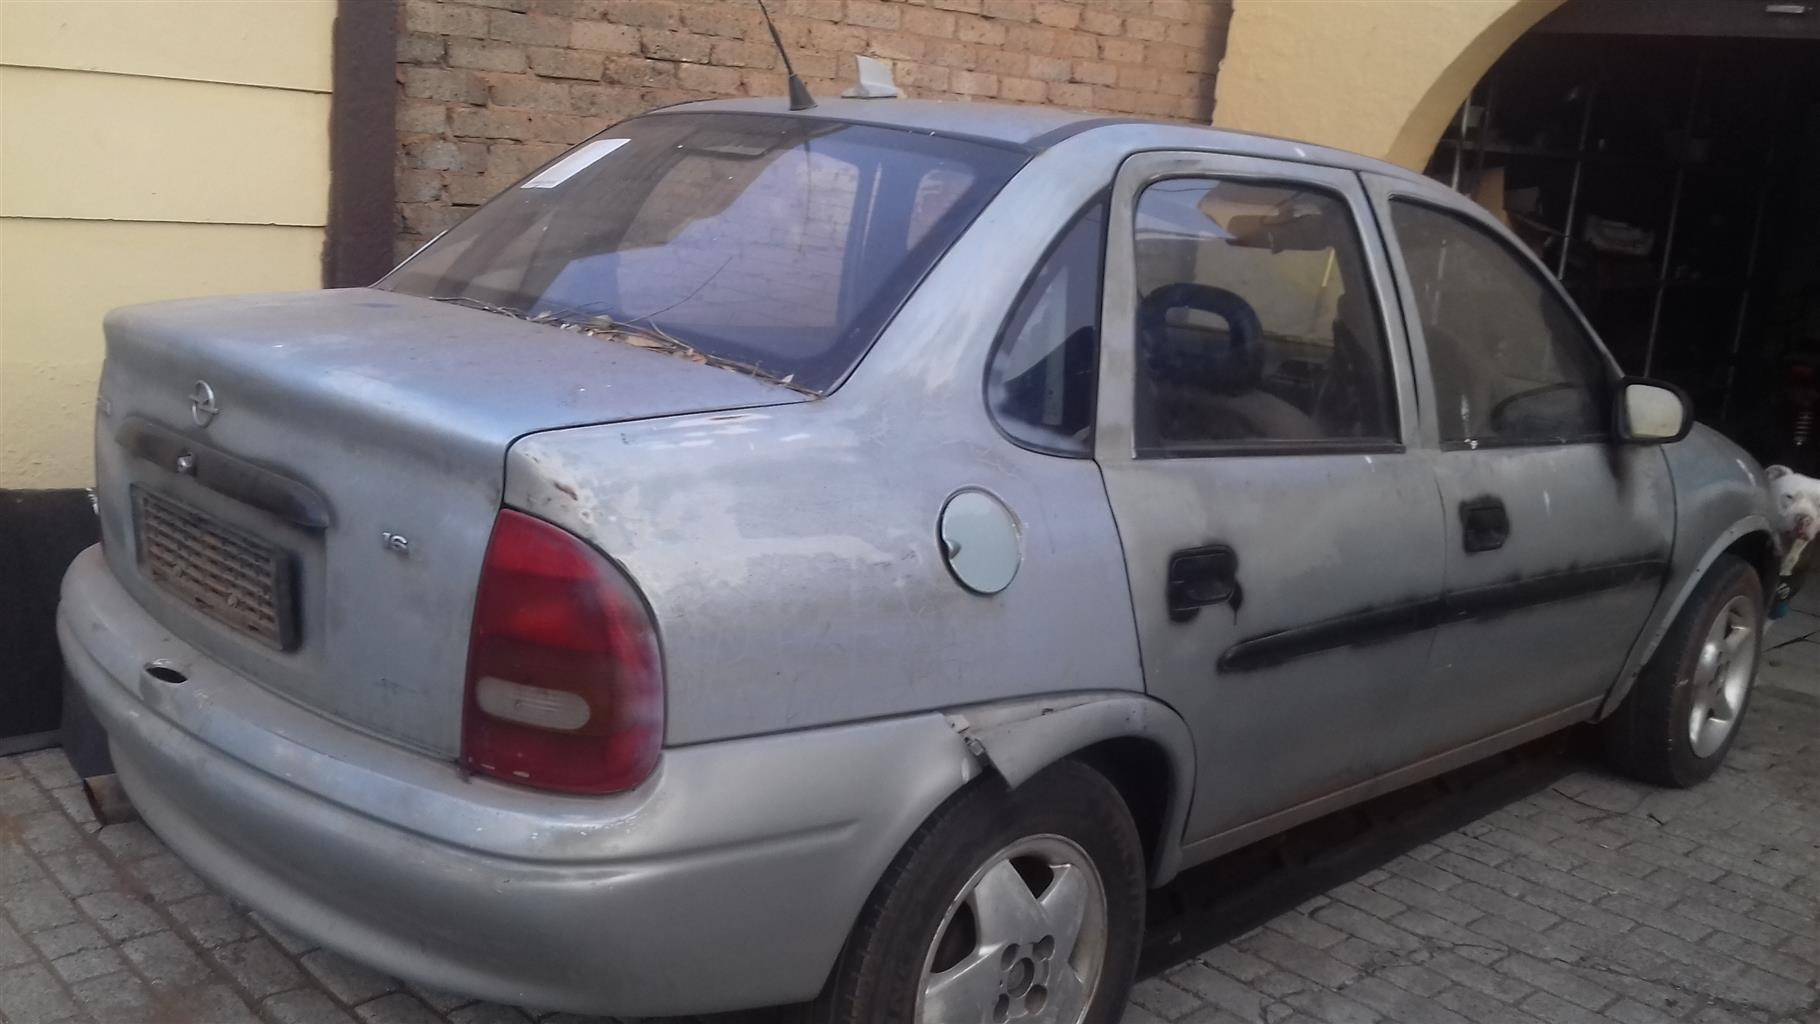 Opel corsa parts